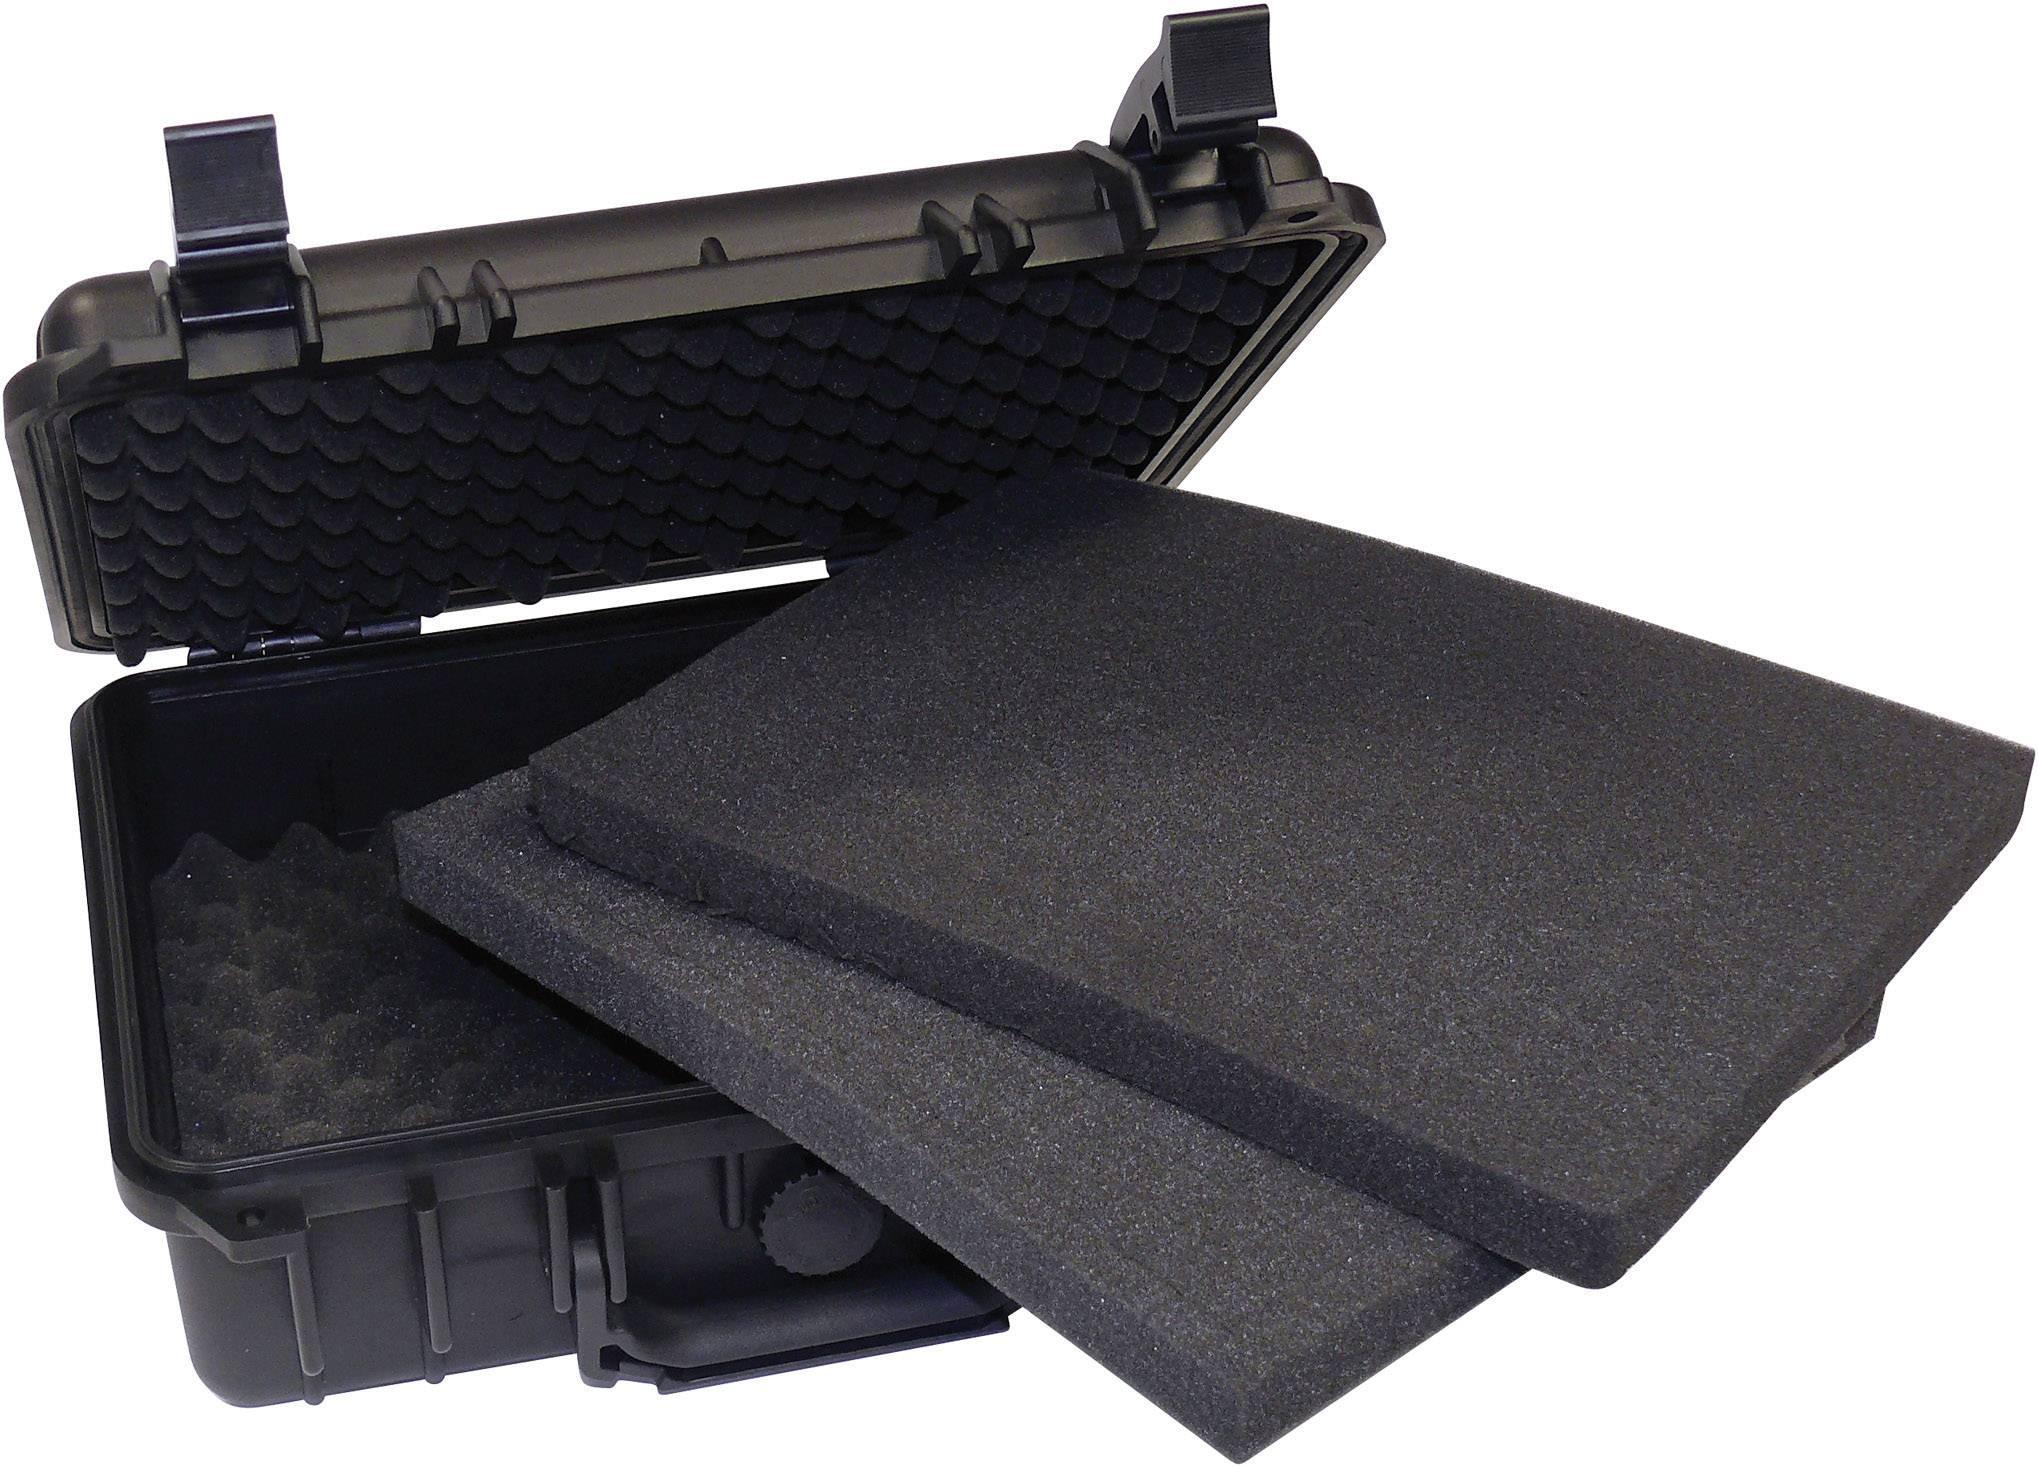 Přepravní kufr, velikost M, 330 x 280 x 120 mm